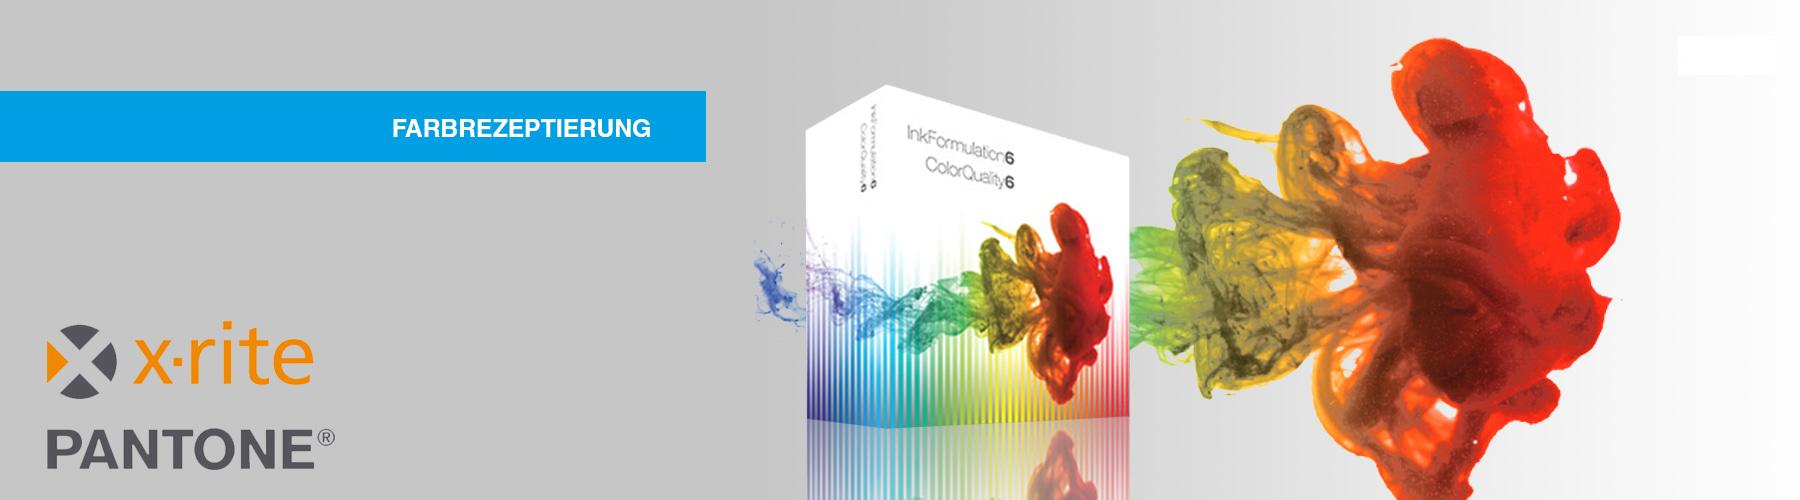 Professionelle Farbrezeptierung für Druckereien und Druckfarbenhersteller />